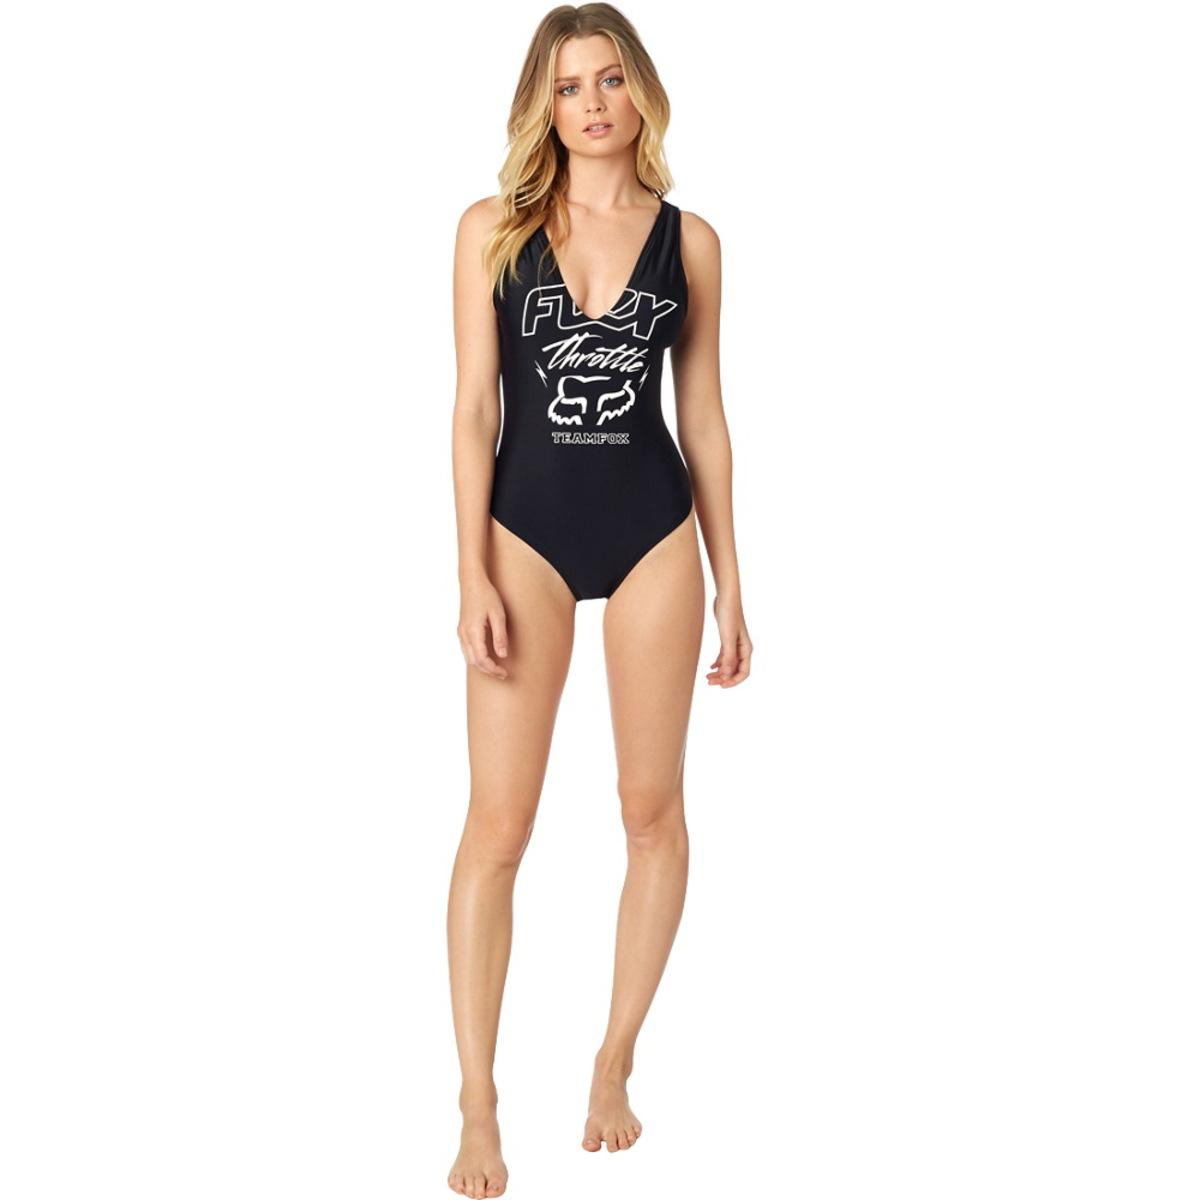 plavky dámske FOX - Throttle - Black - 21089-001